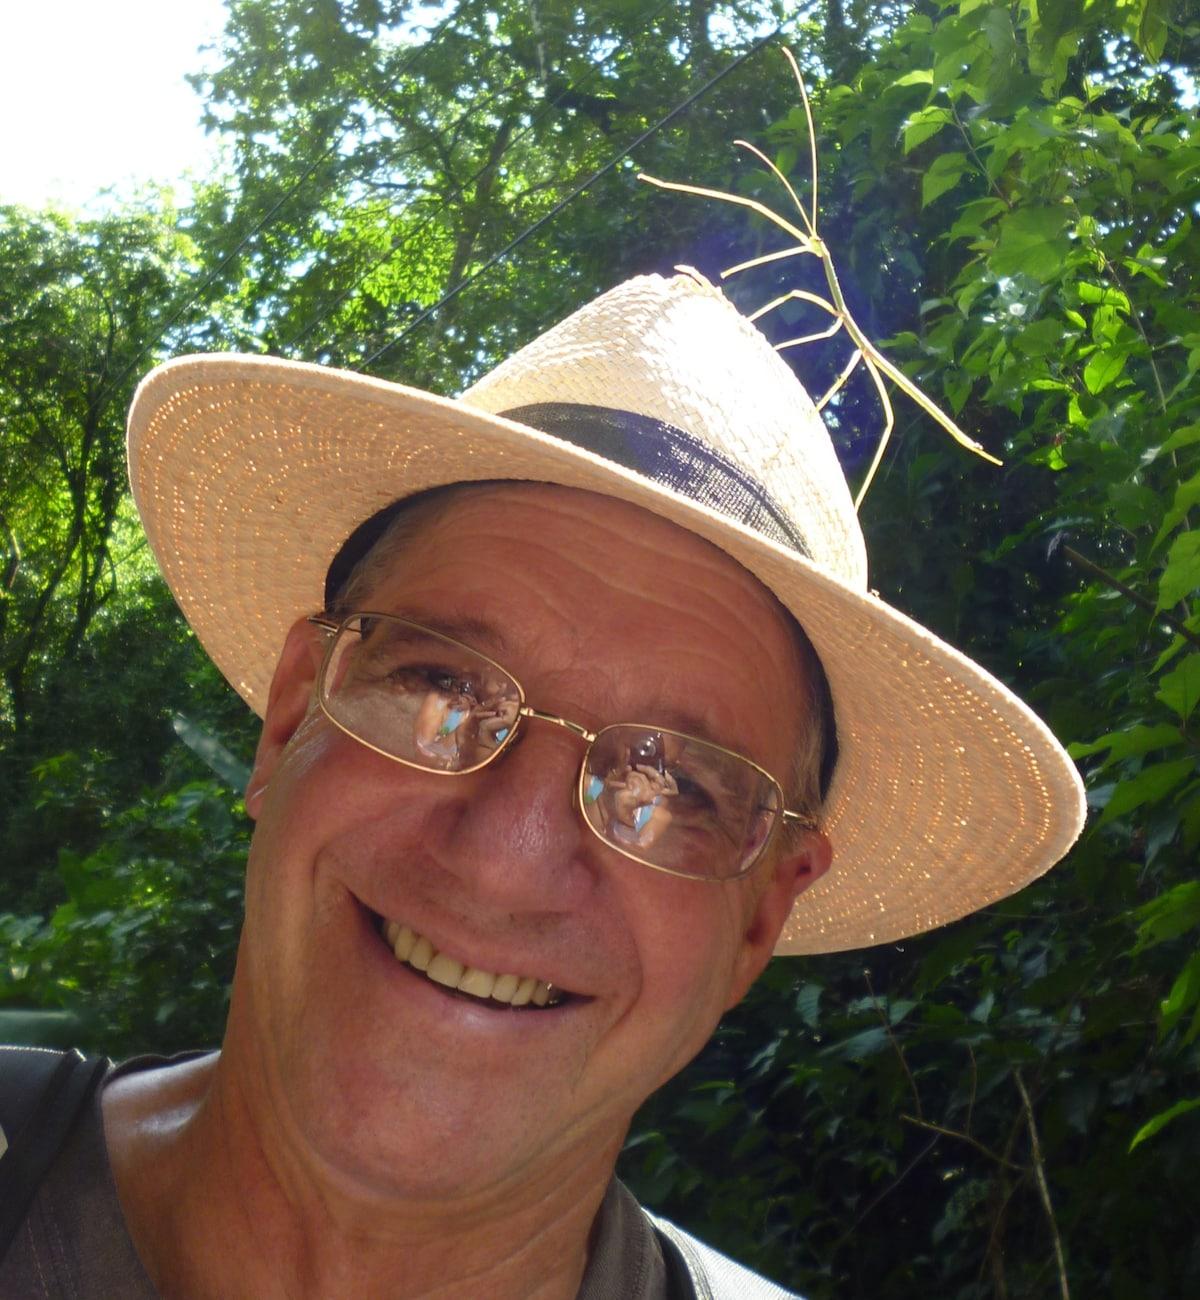 Steve from La Suiza